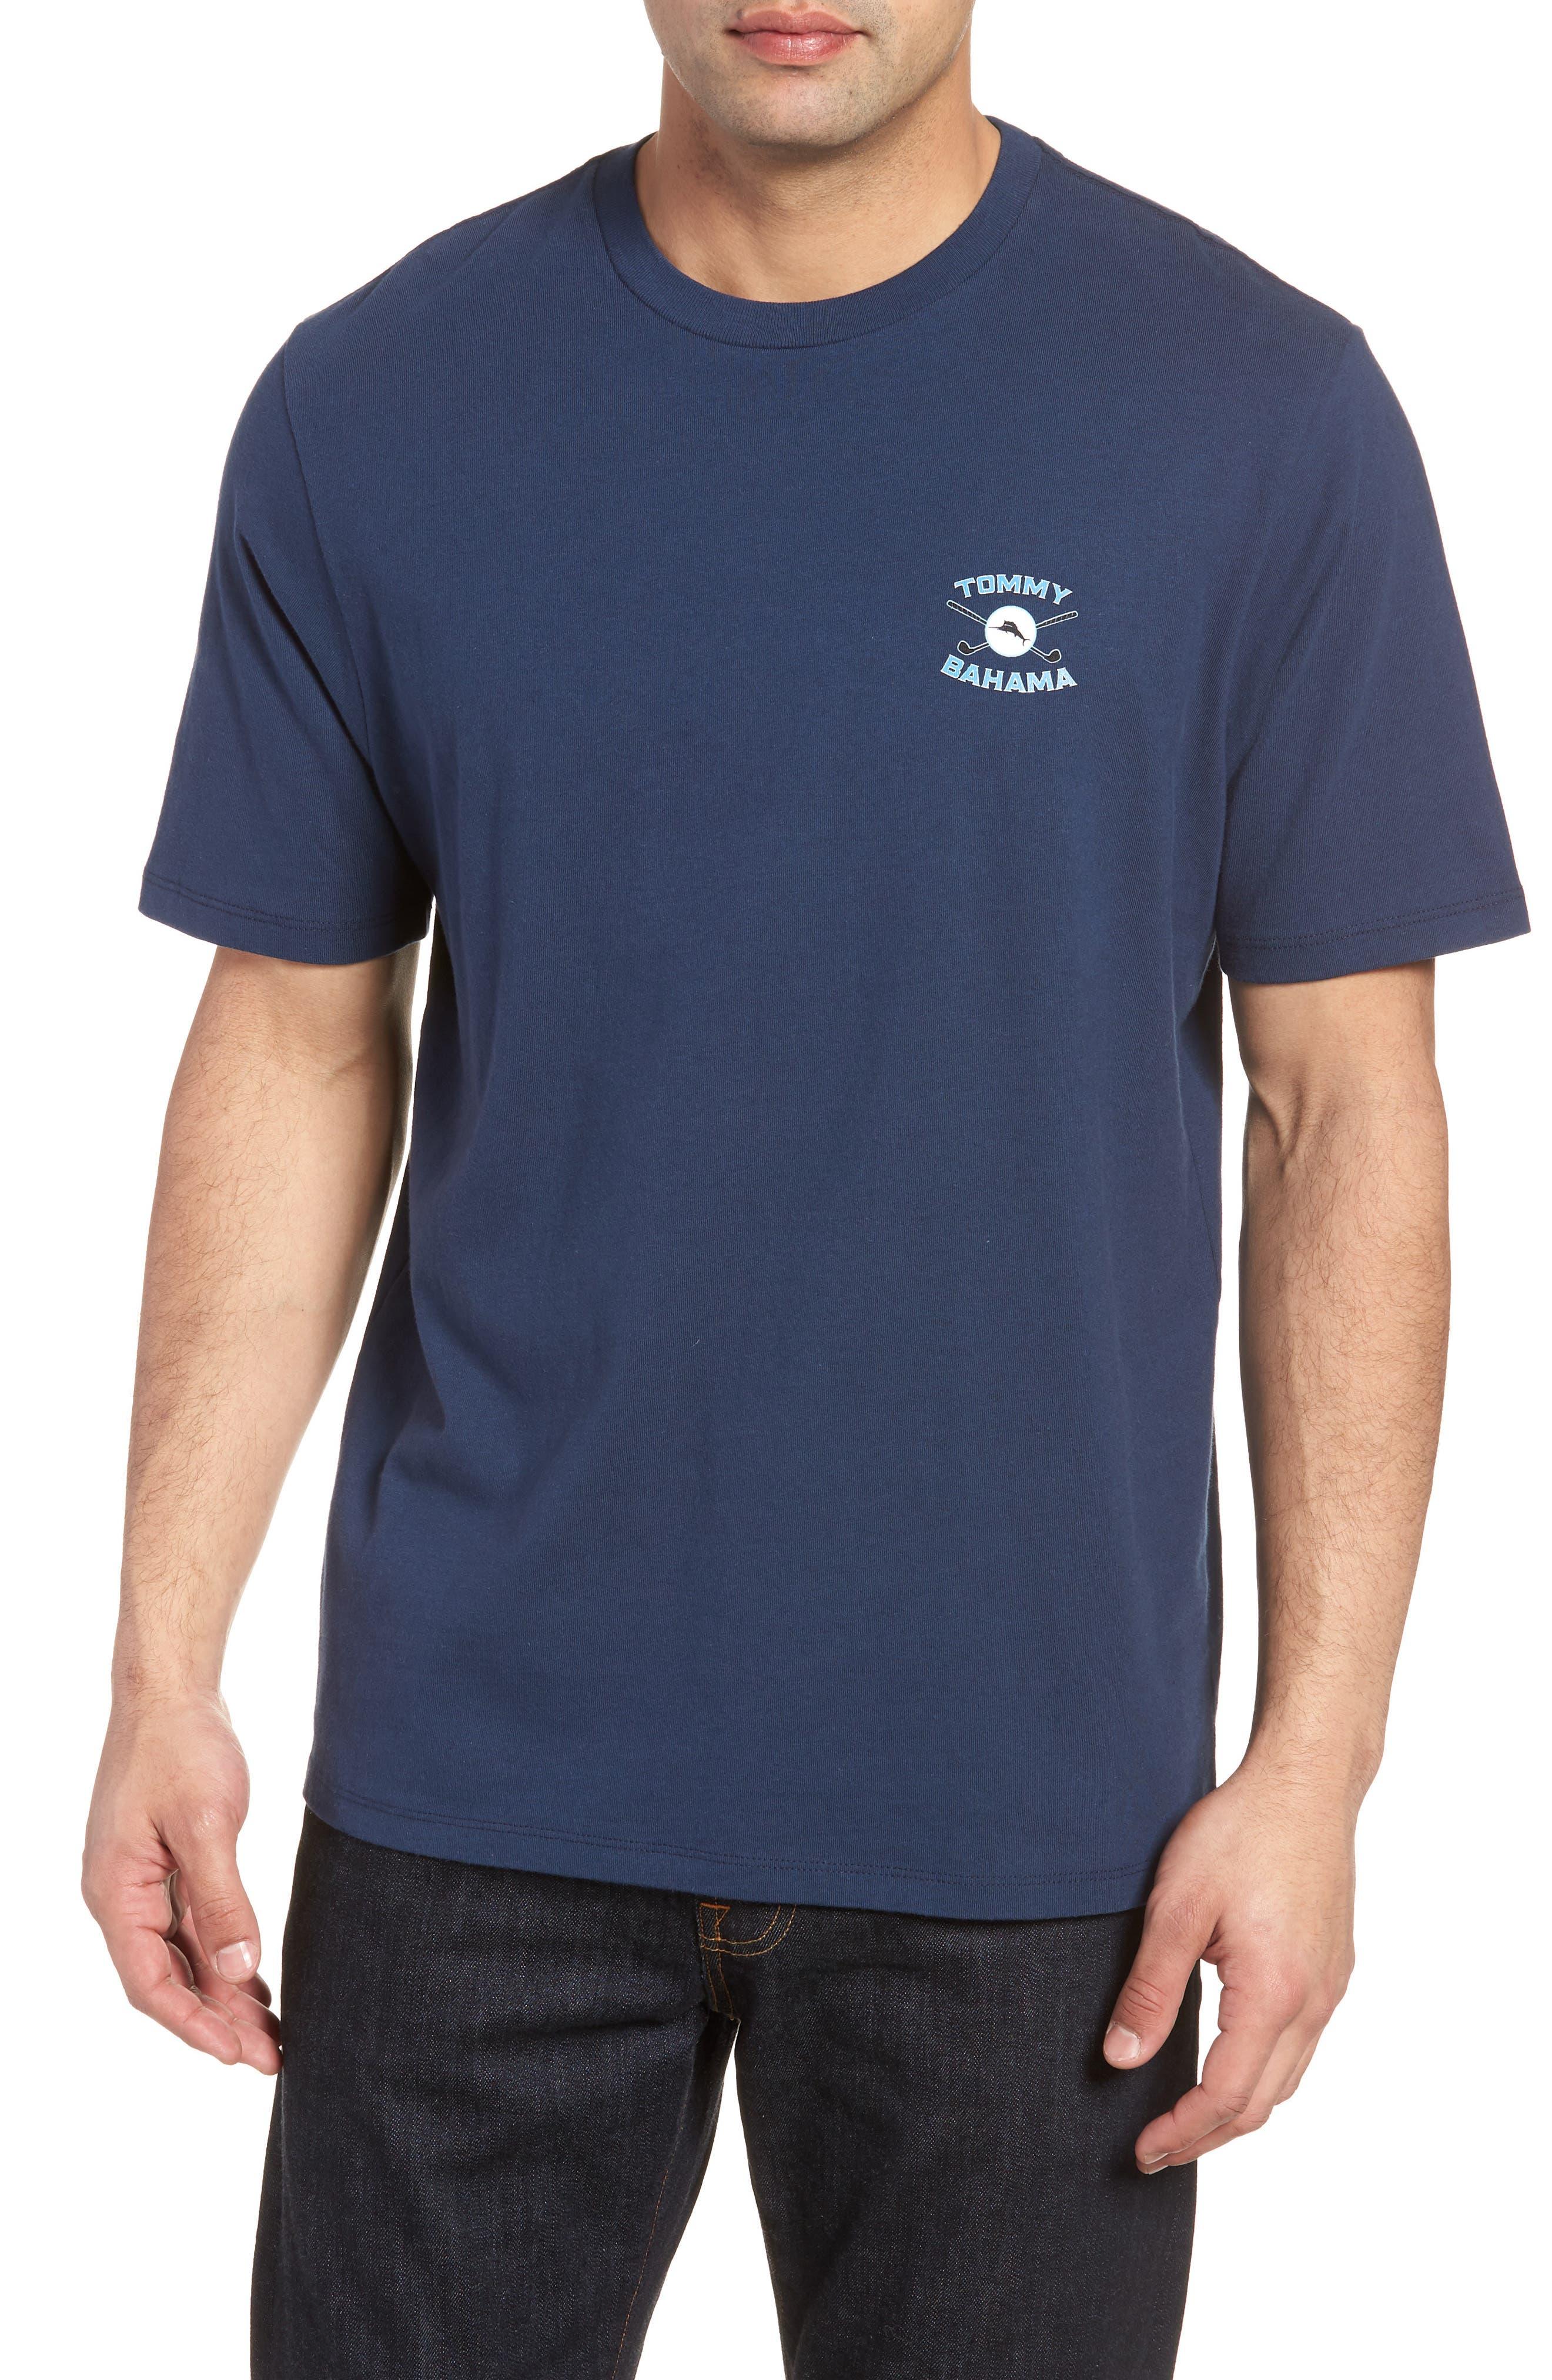 TOMMY BAHAMA,                             The Lawn Ranger T-Shirt,                             Main thumbnail 1, color,                             400